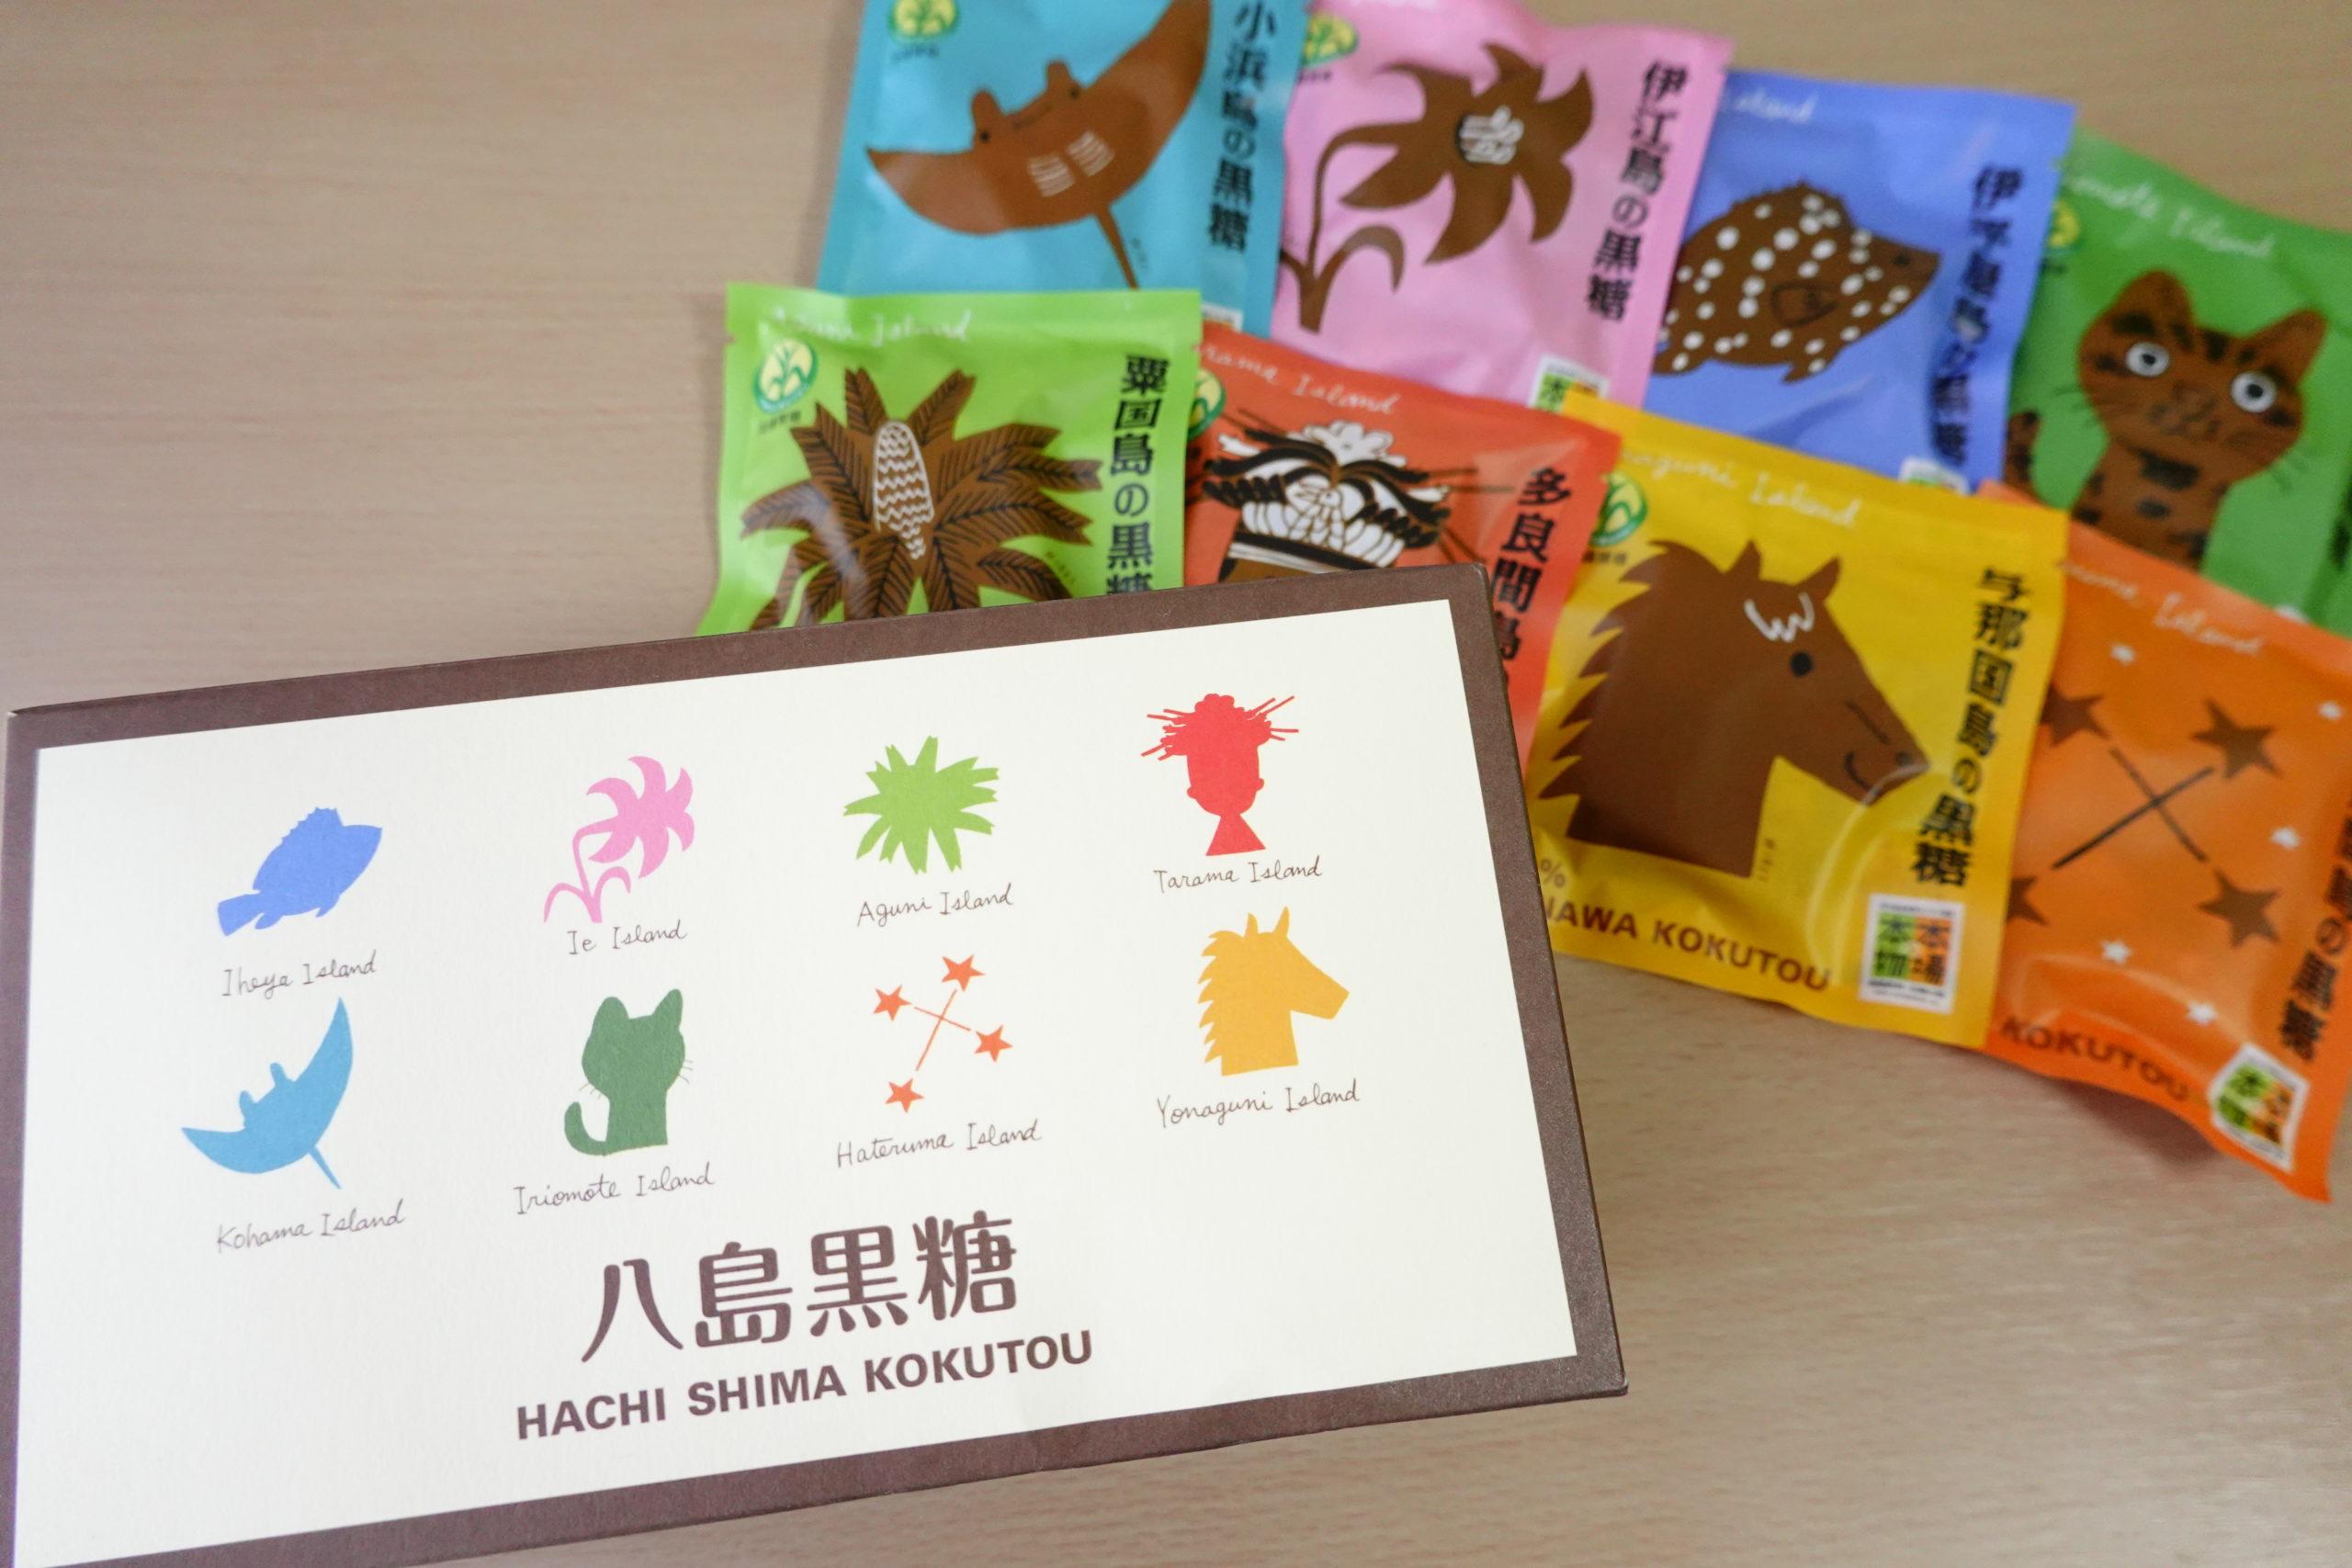 こんなに違うの!? 沖縄土産「八島黒糖」の食べ比べがおもしろい!